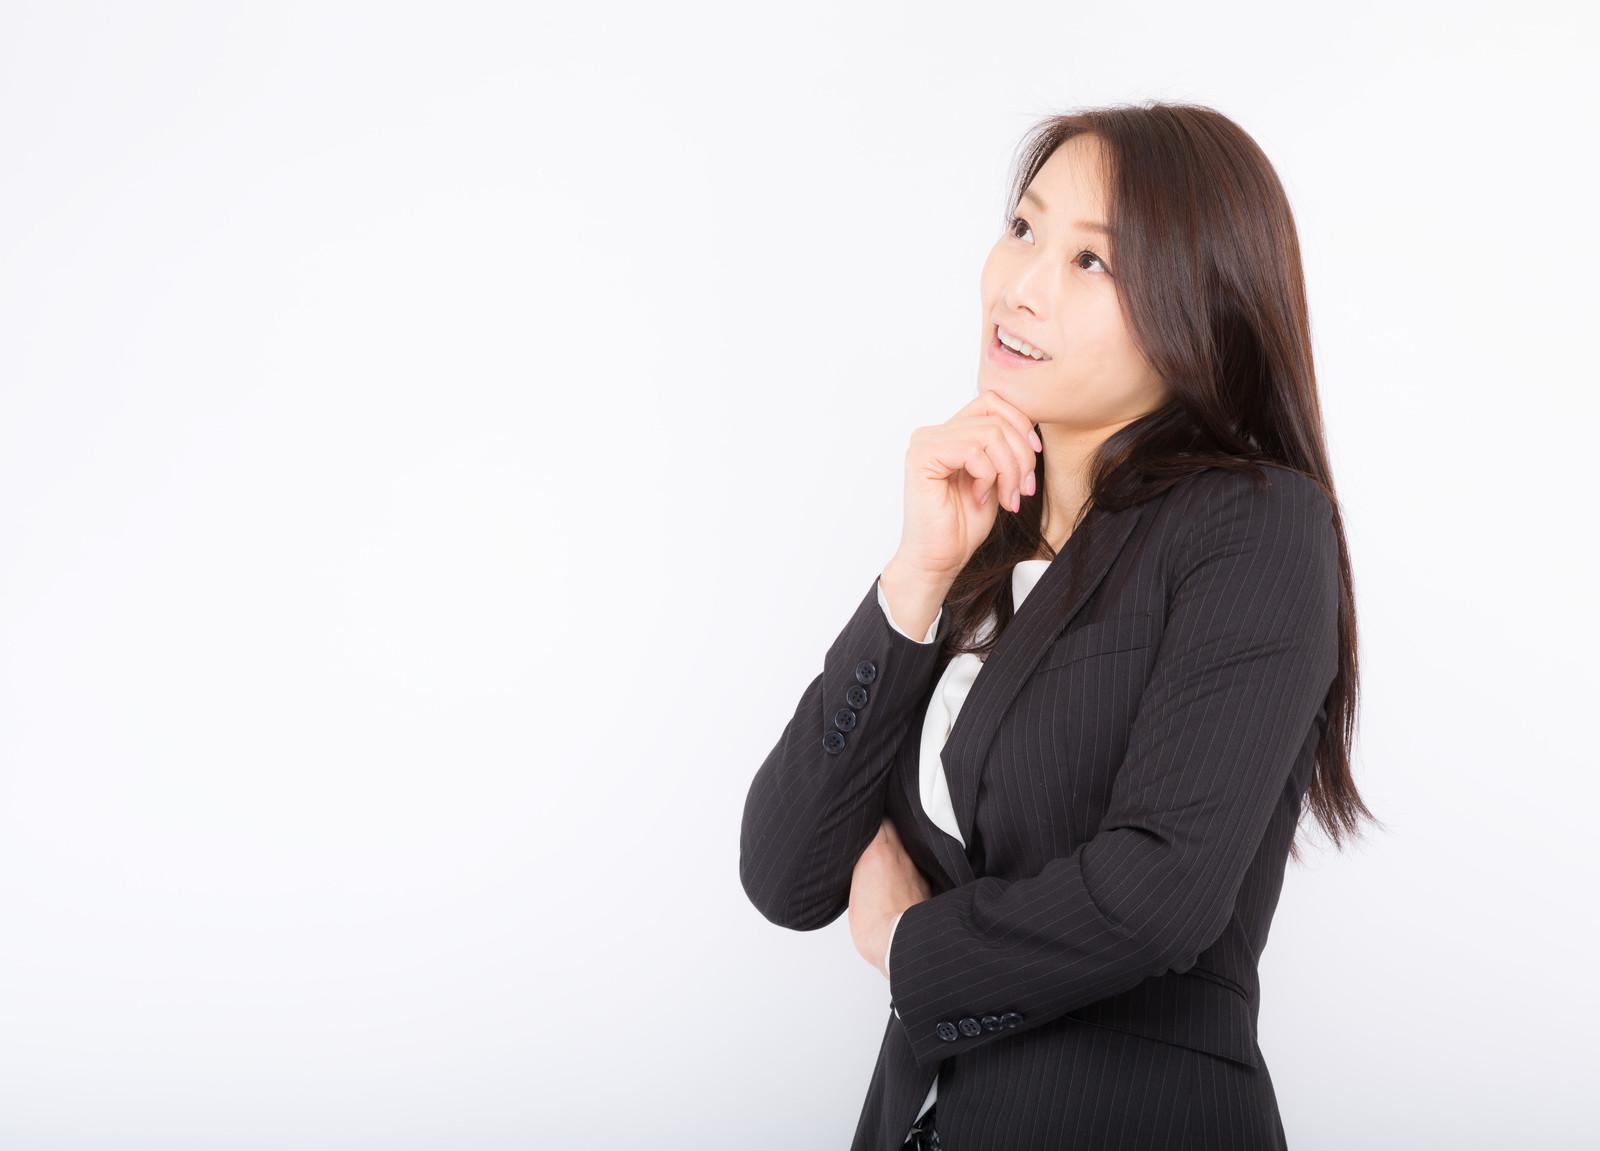 複数の内定をもらう人の転職先の選び方を考える